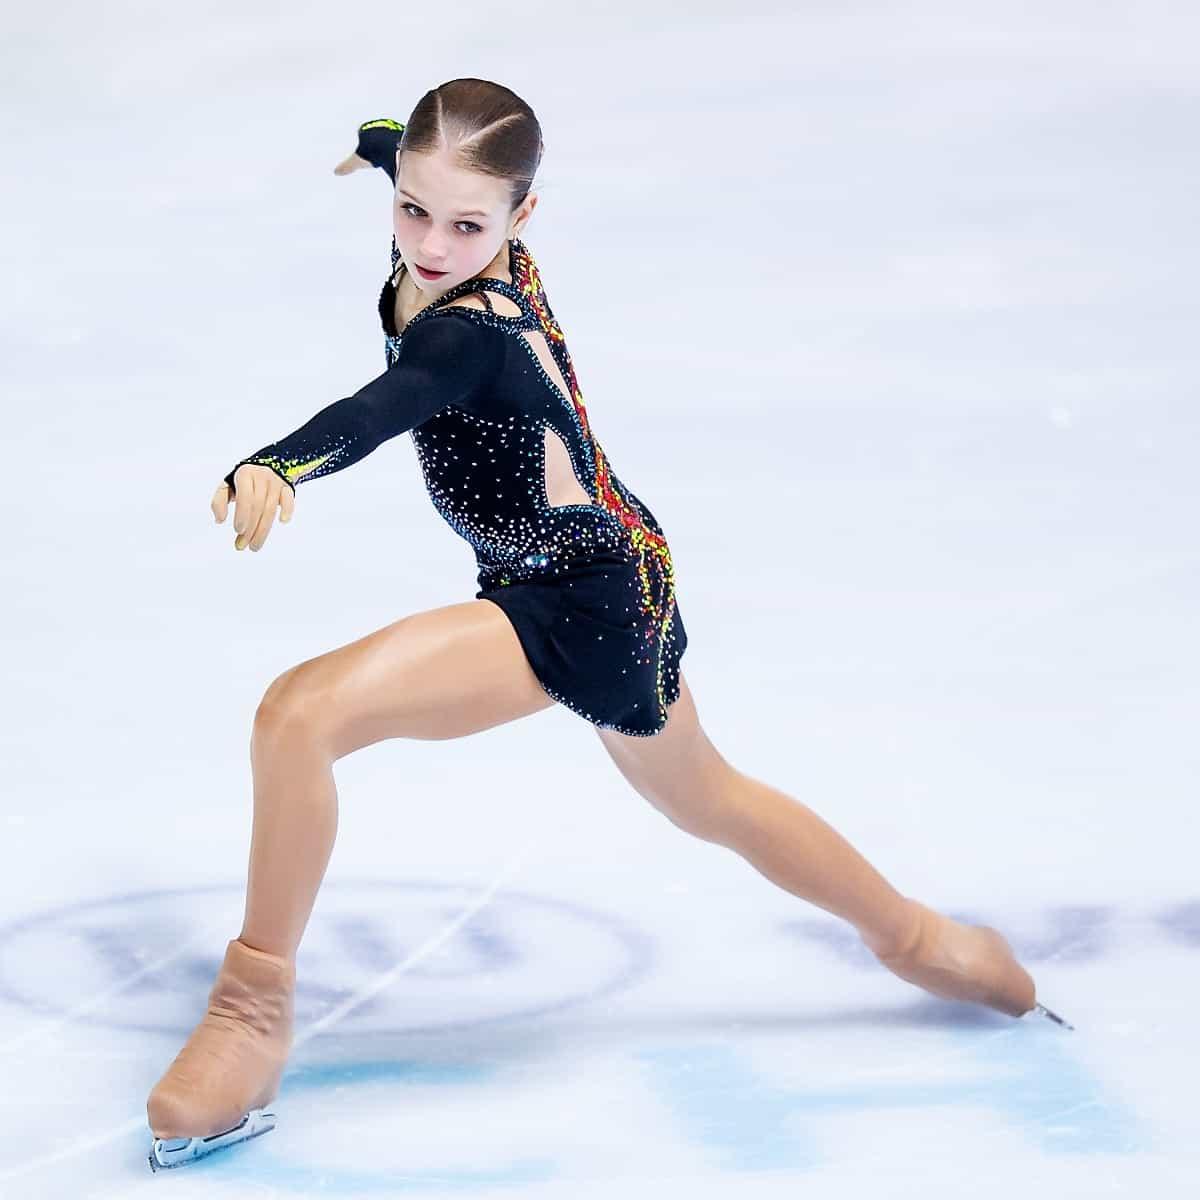 Alexandra Trusova läuft in der Eiskunstlauf-Saison 2019-2020 bei den Erwachsenen